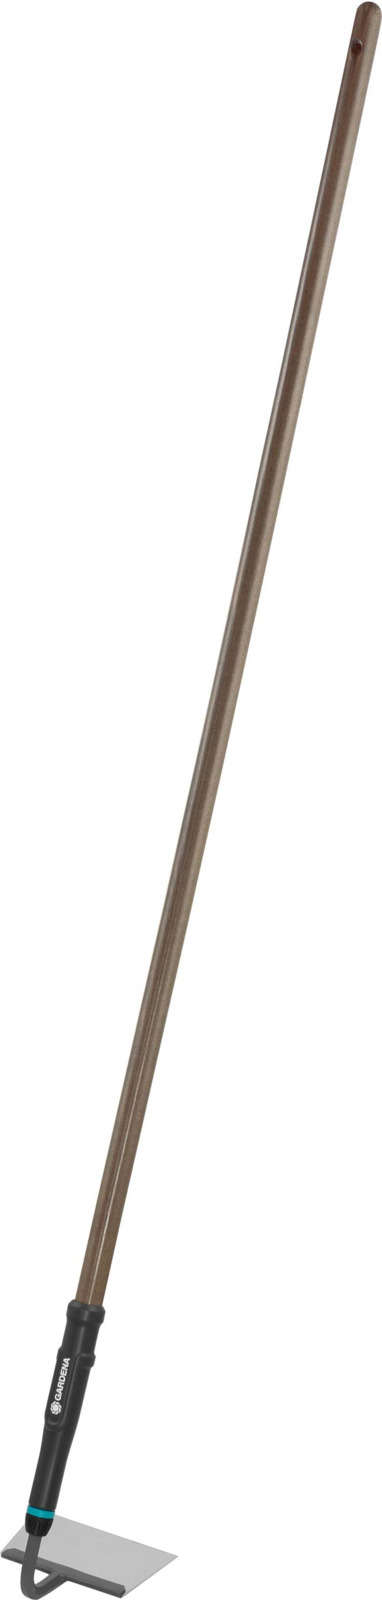 Мотыга Gardena NatureLine, 17109-20.000.00, бирюзовый, серый, черный